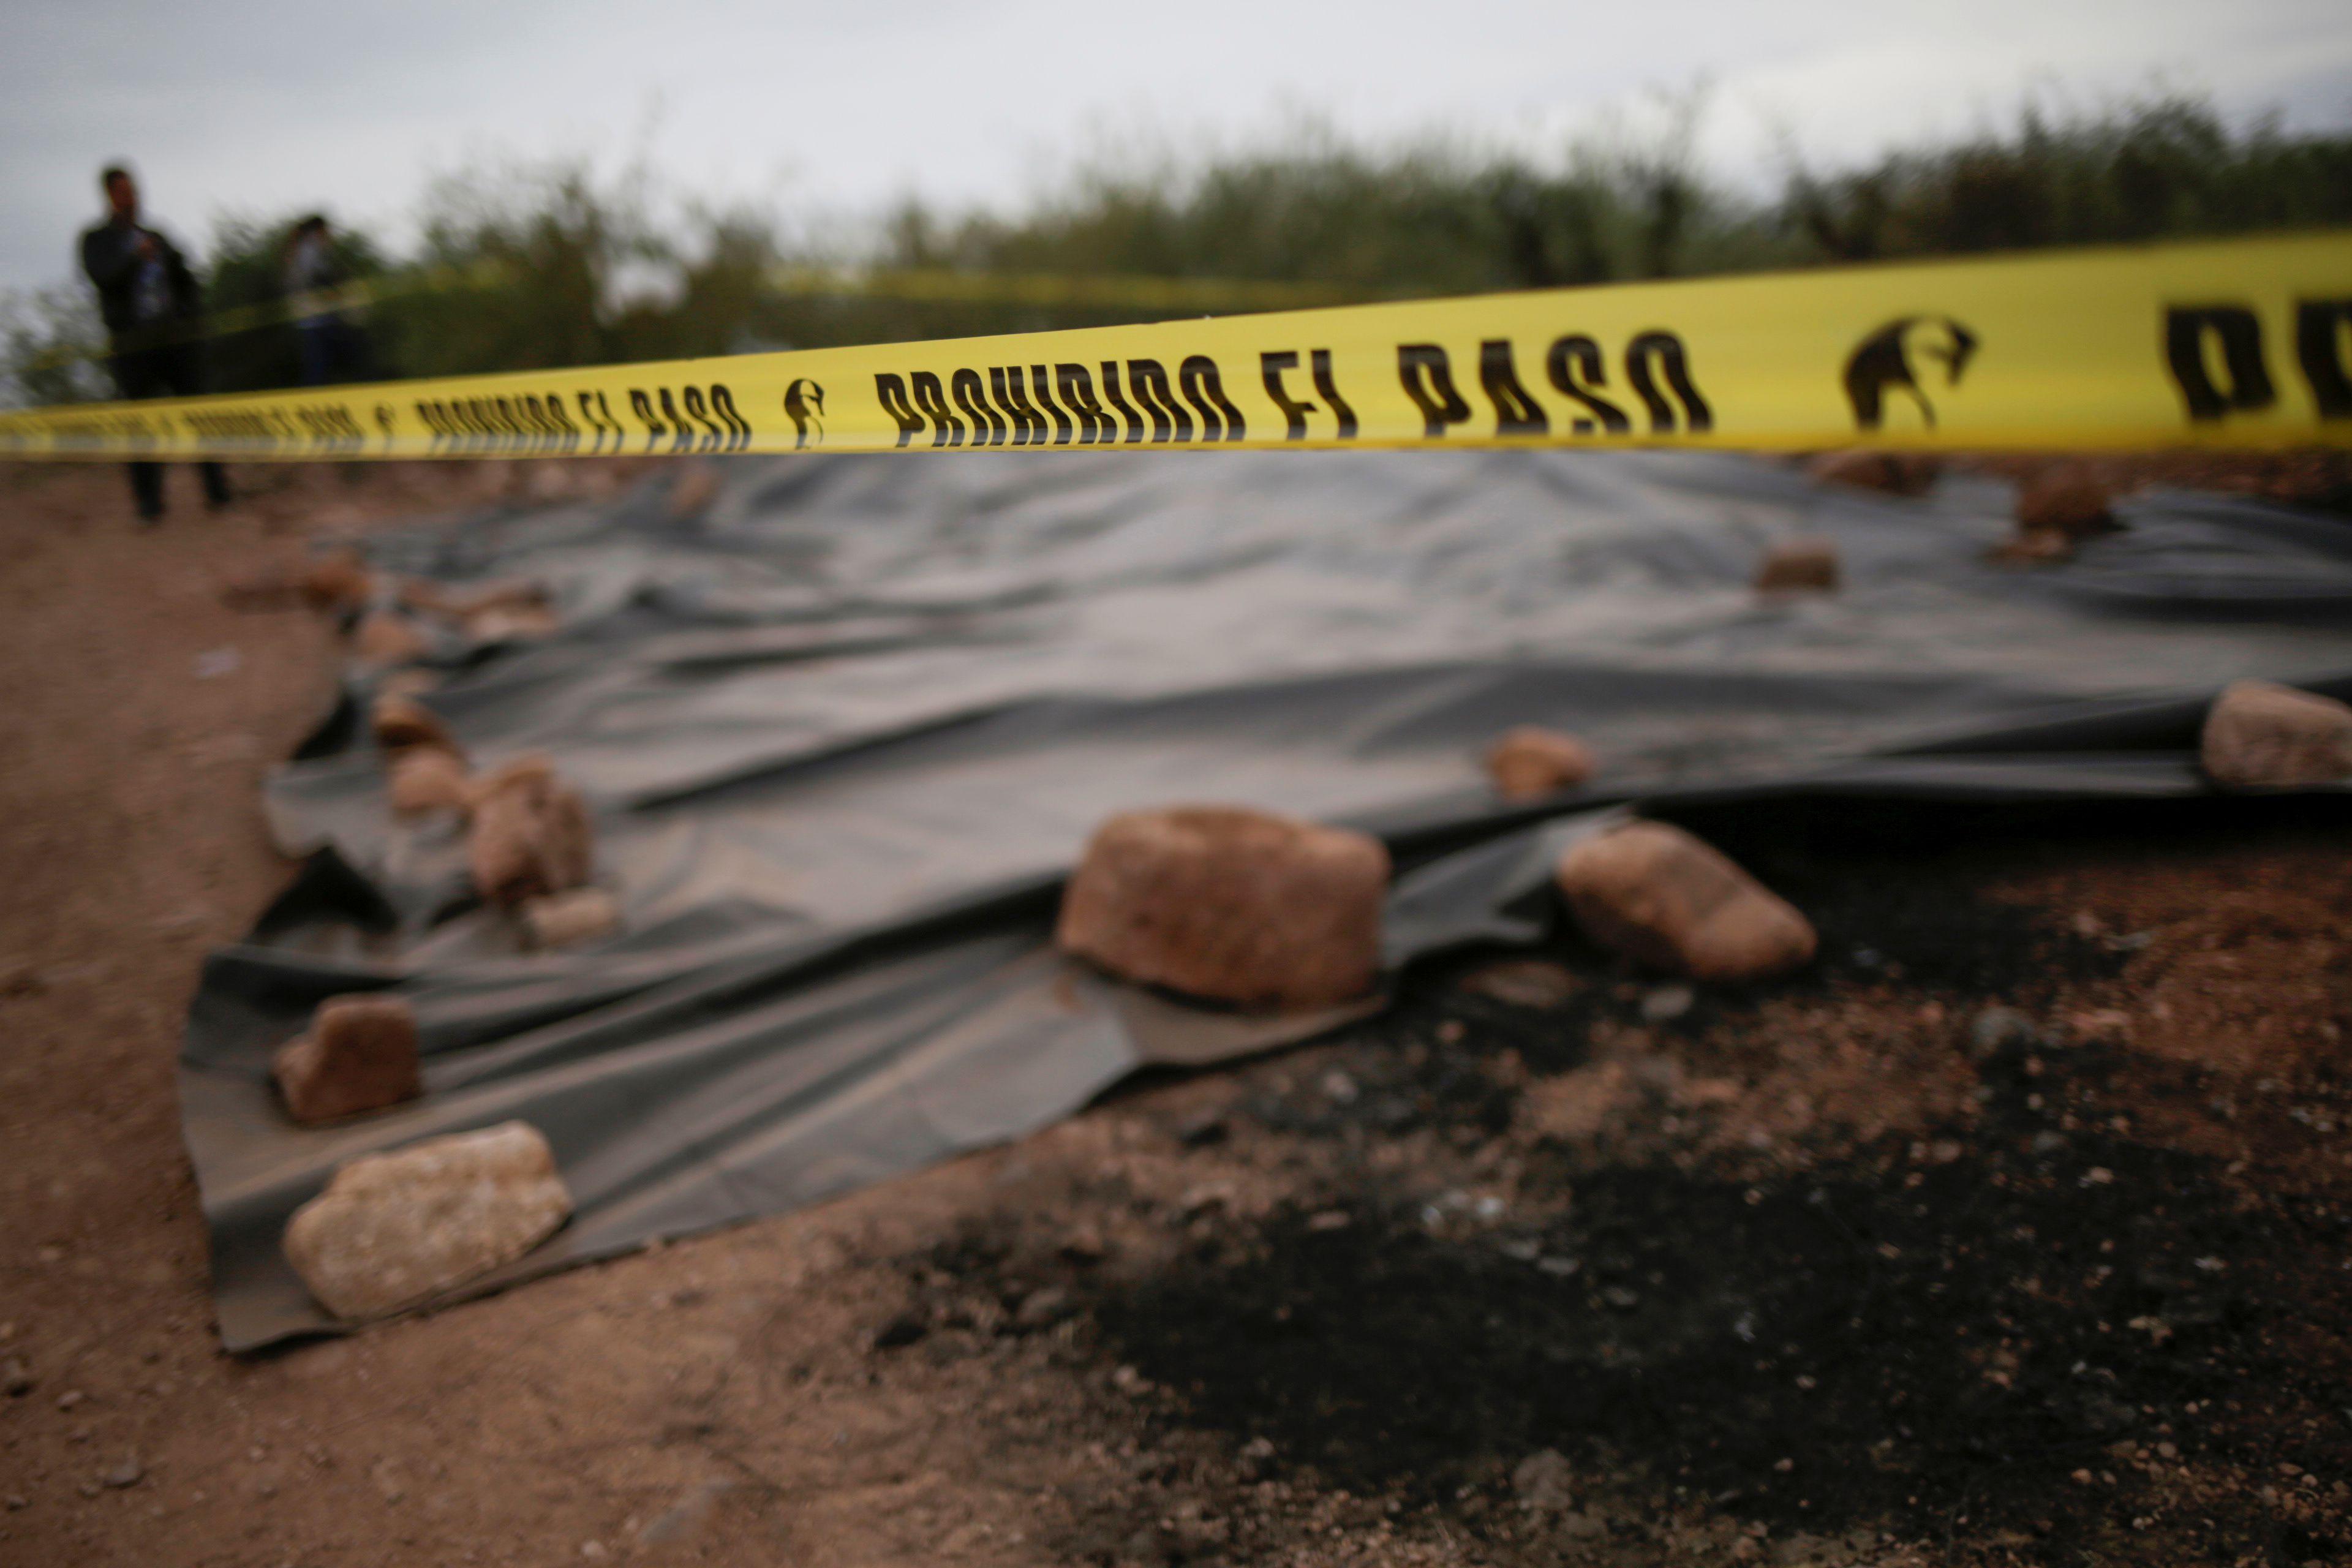 La zona acordonada donde fueron masacrados los LeBarón (Foto: REUTERS/Jose Luis Gonzalez)